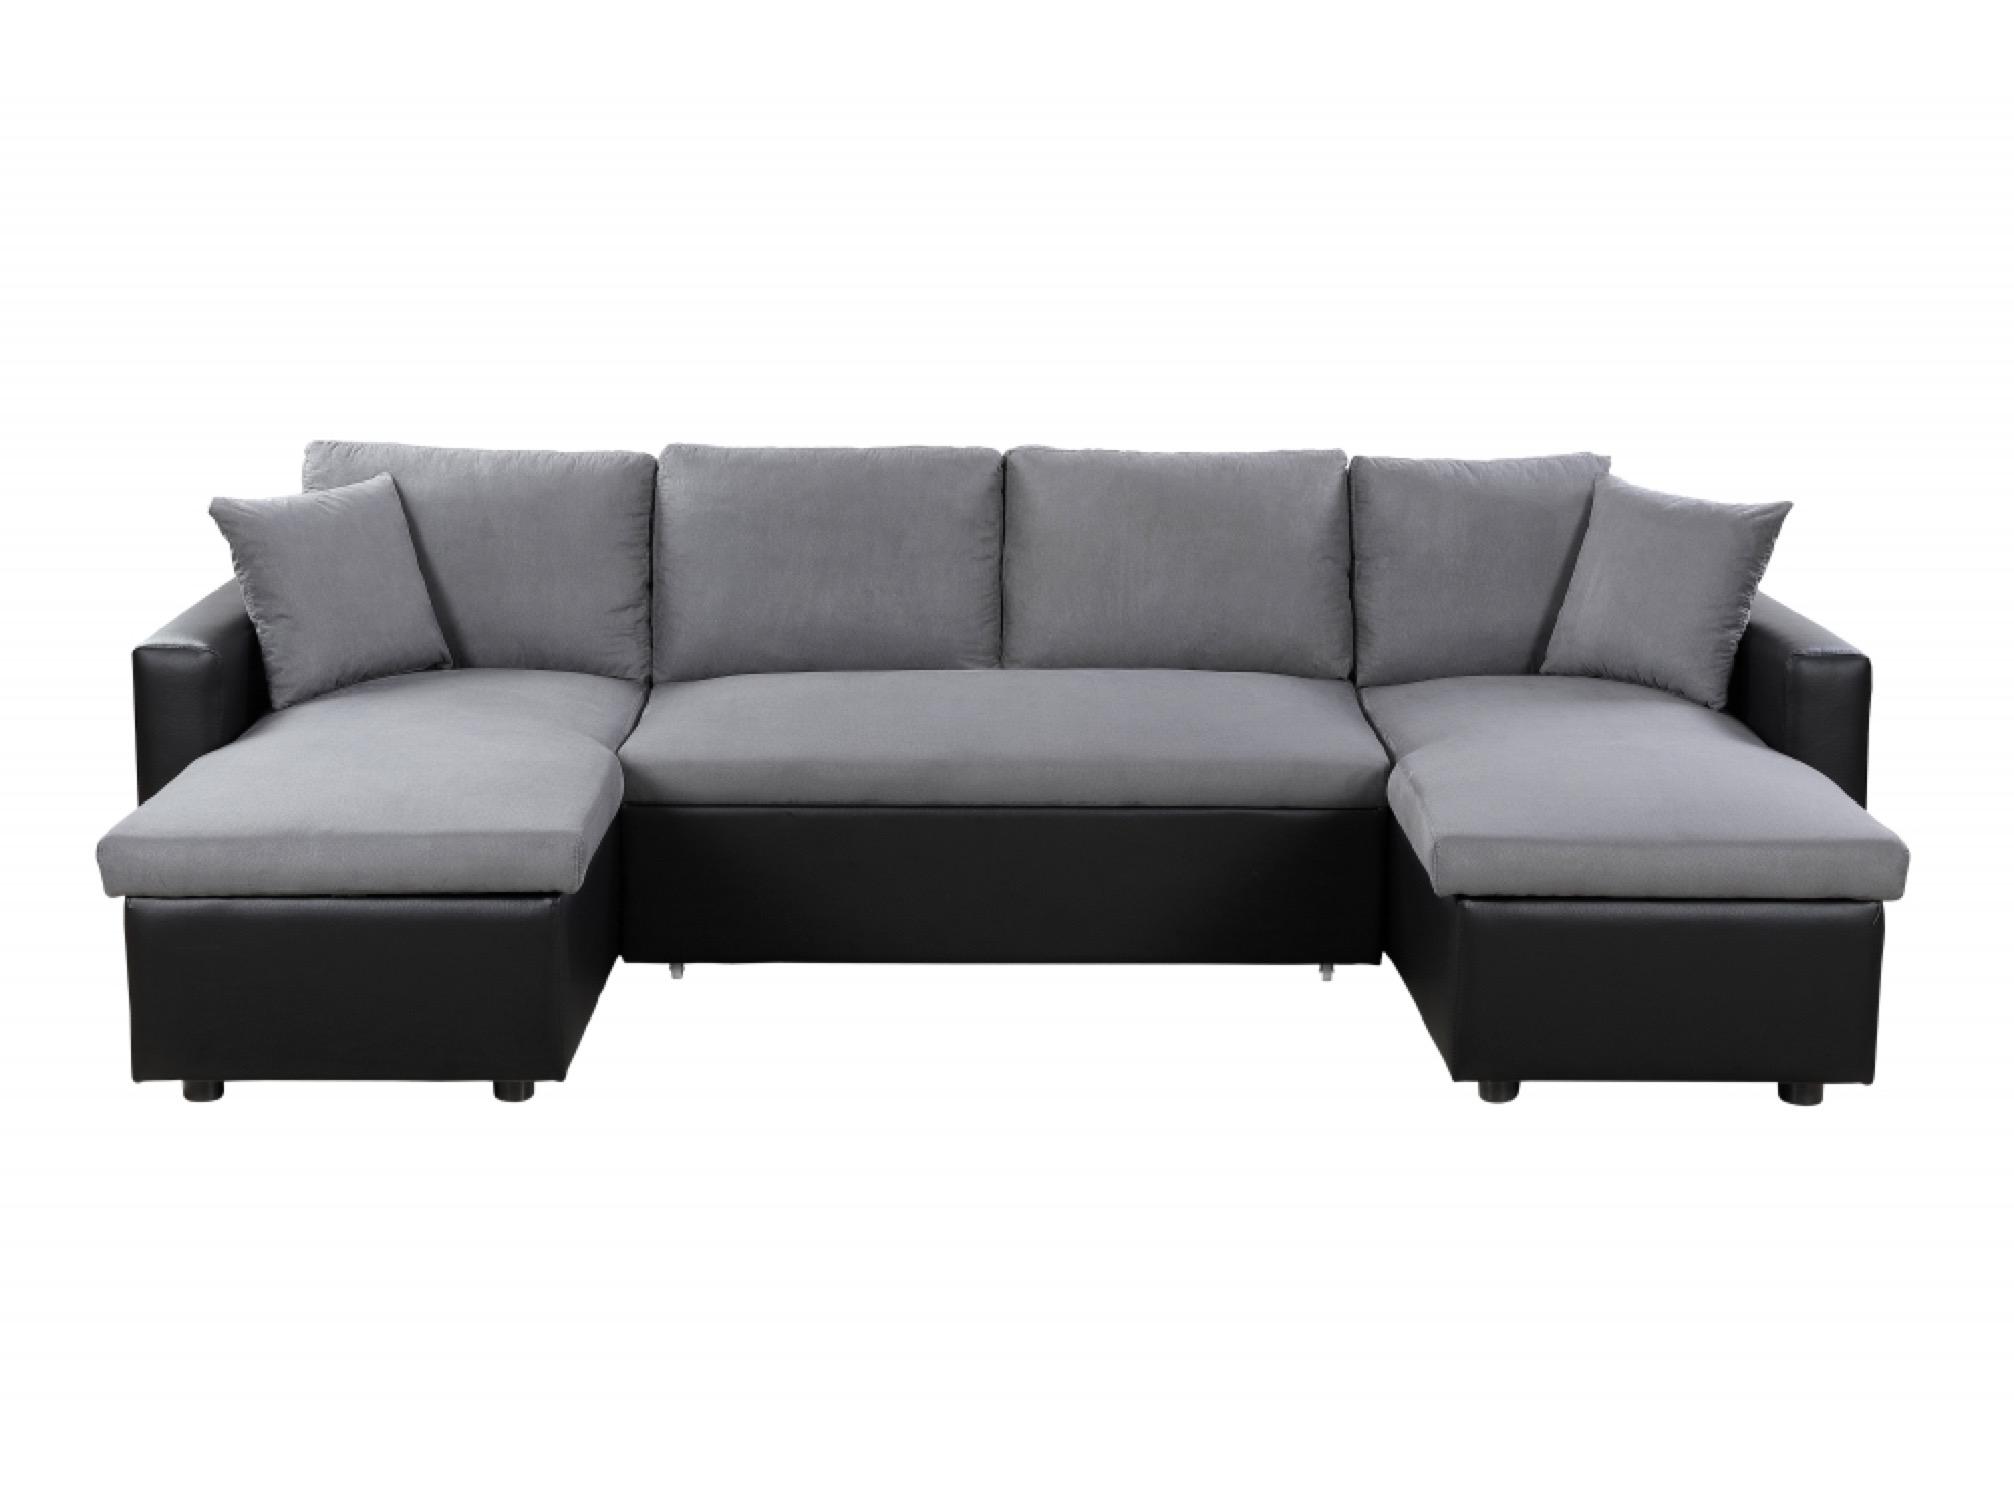 Canapé d'angle panoramique convertible gris et noir